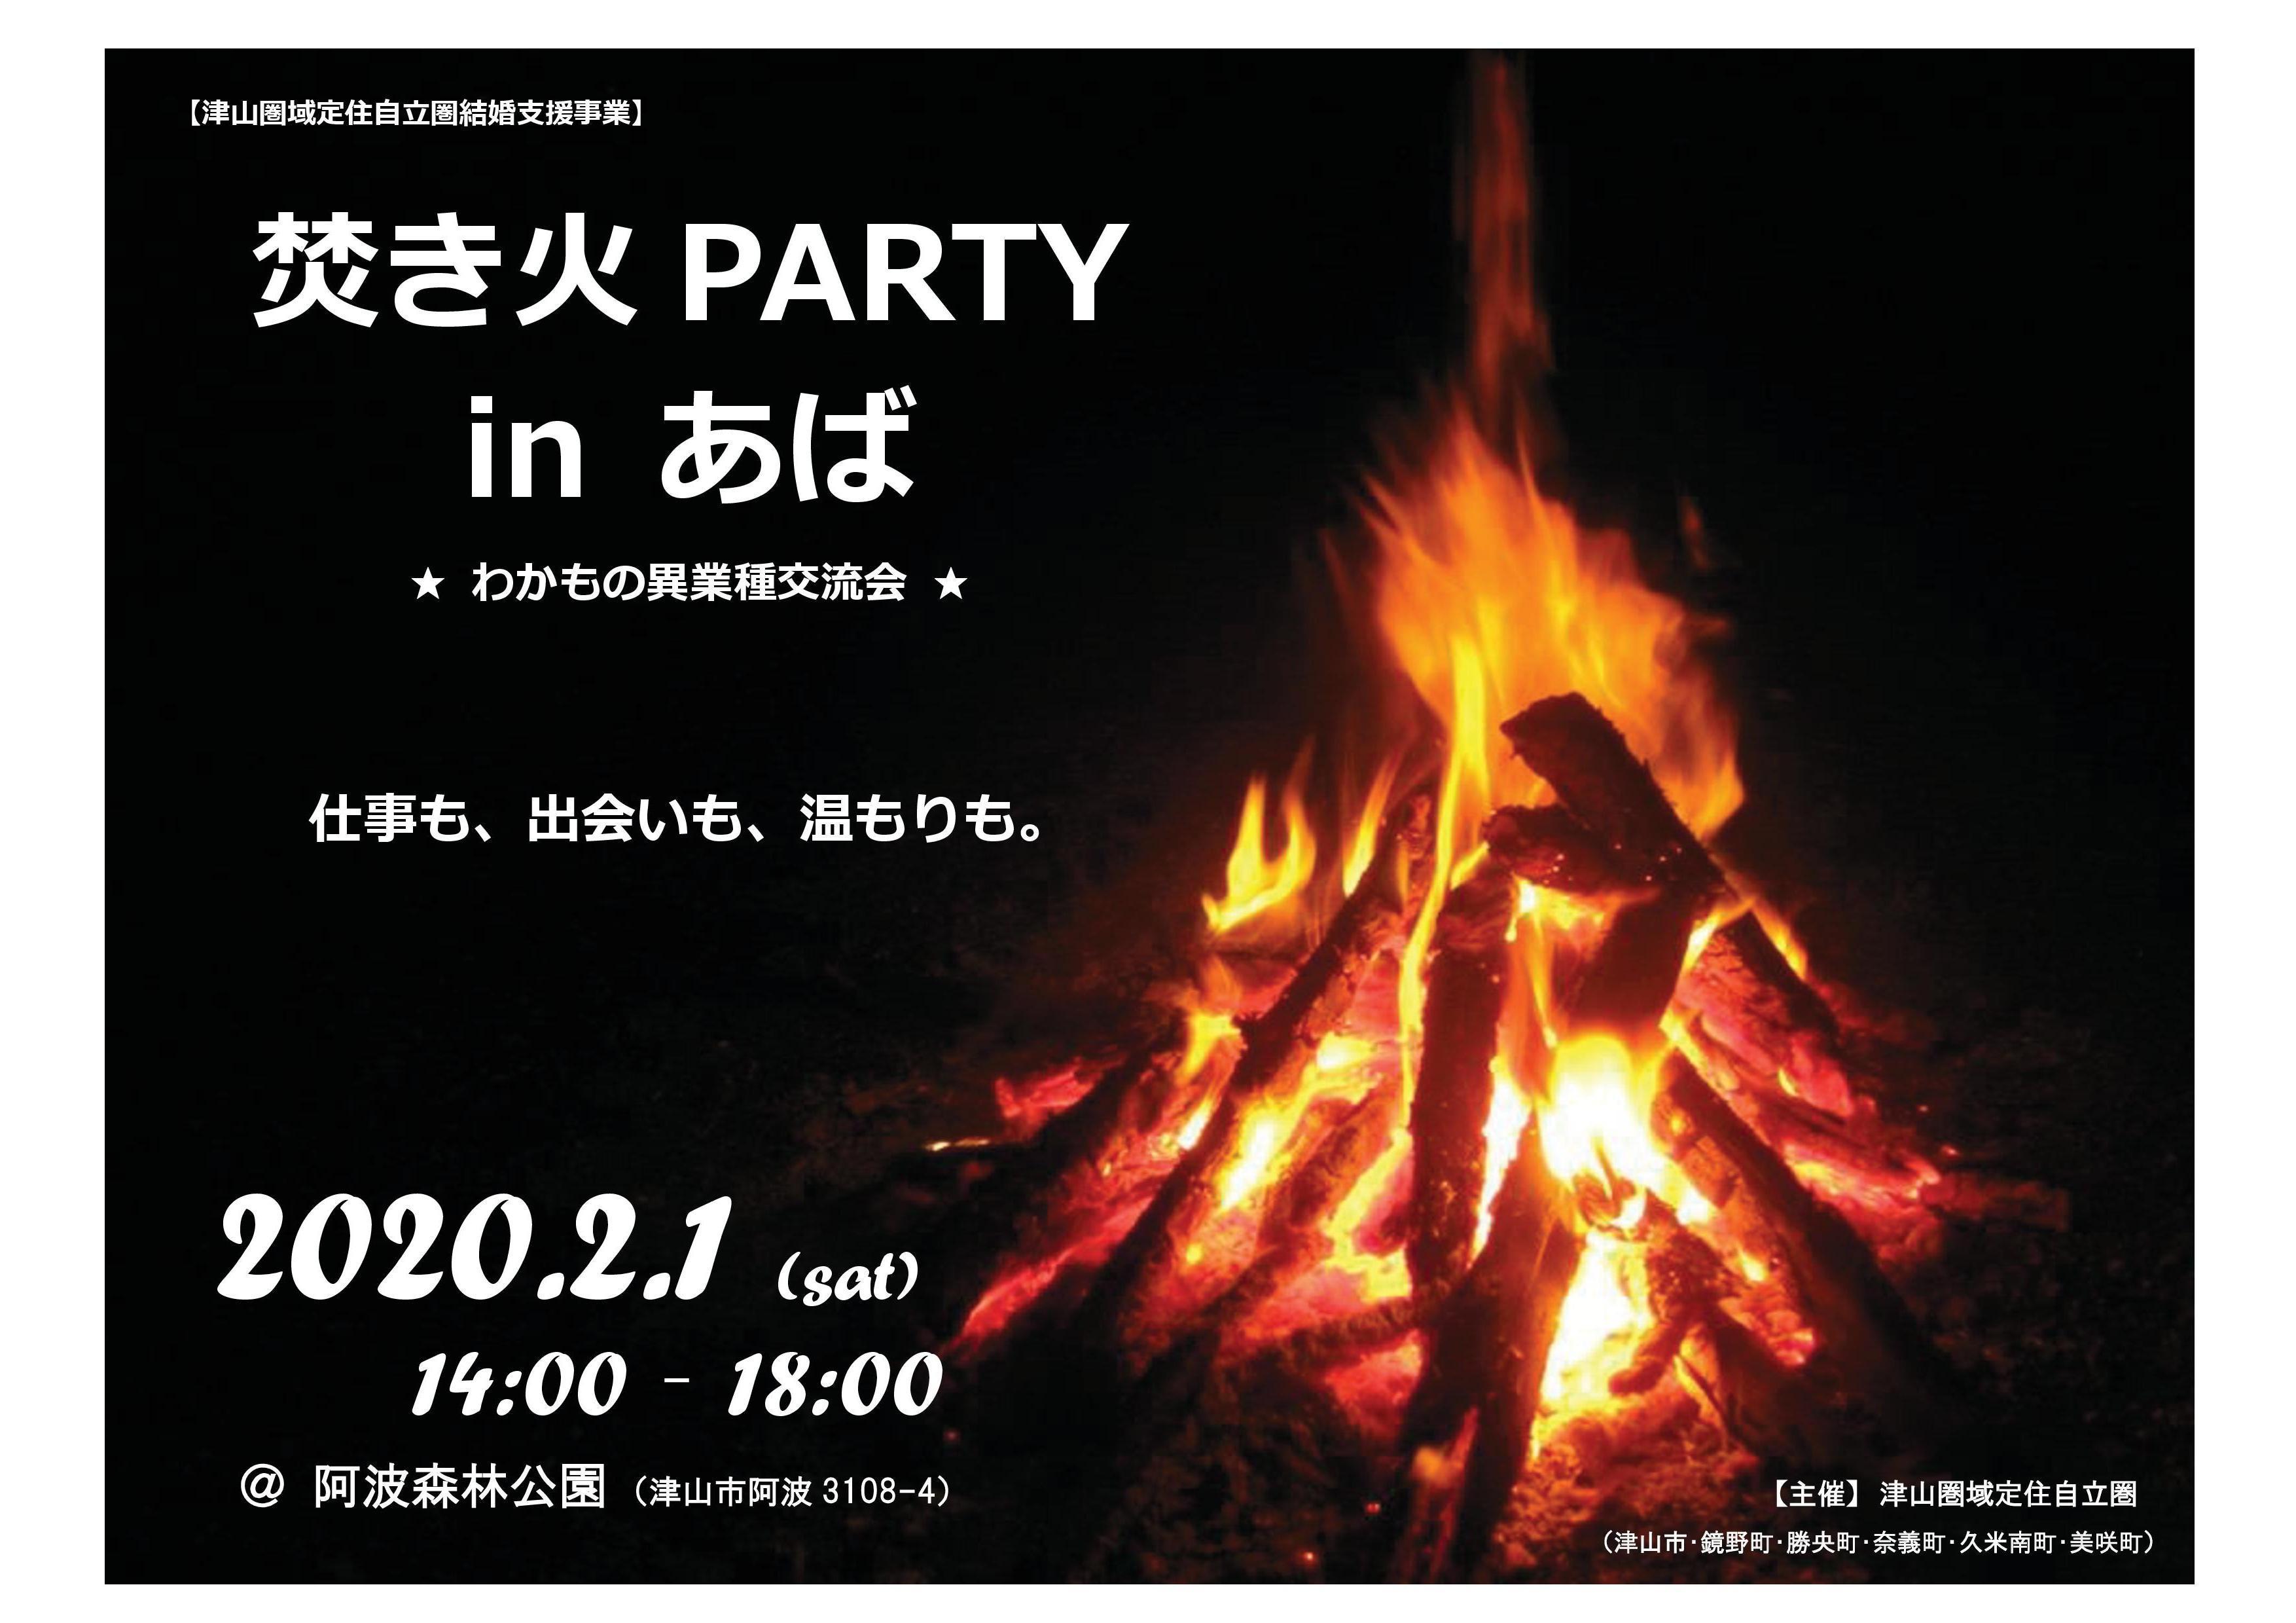 2020年2月1日(土)開催 焚き火PARTY in あば ~わかもの異業種交流会~参加者募集のお知らせ